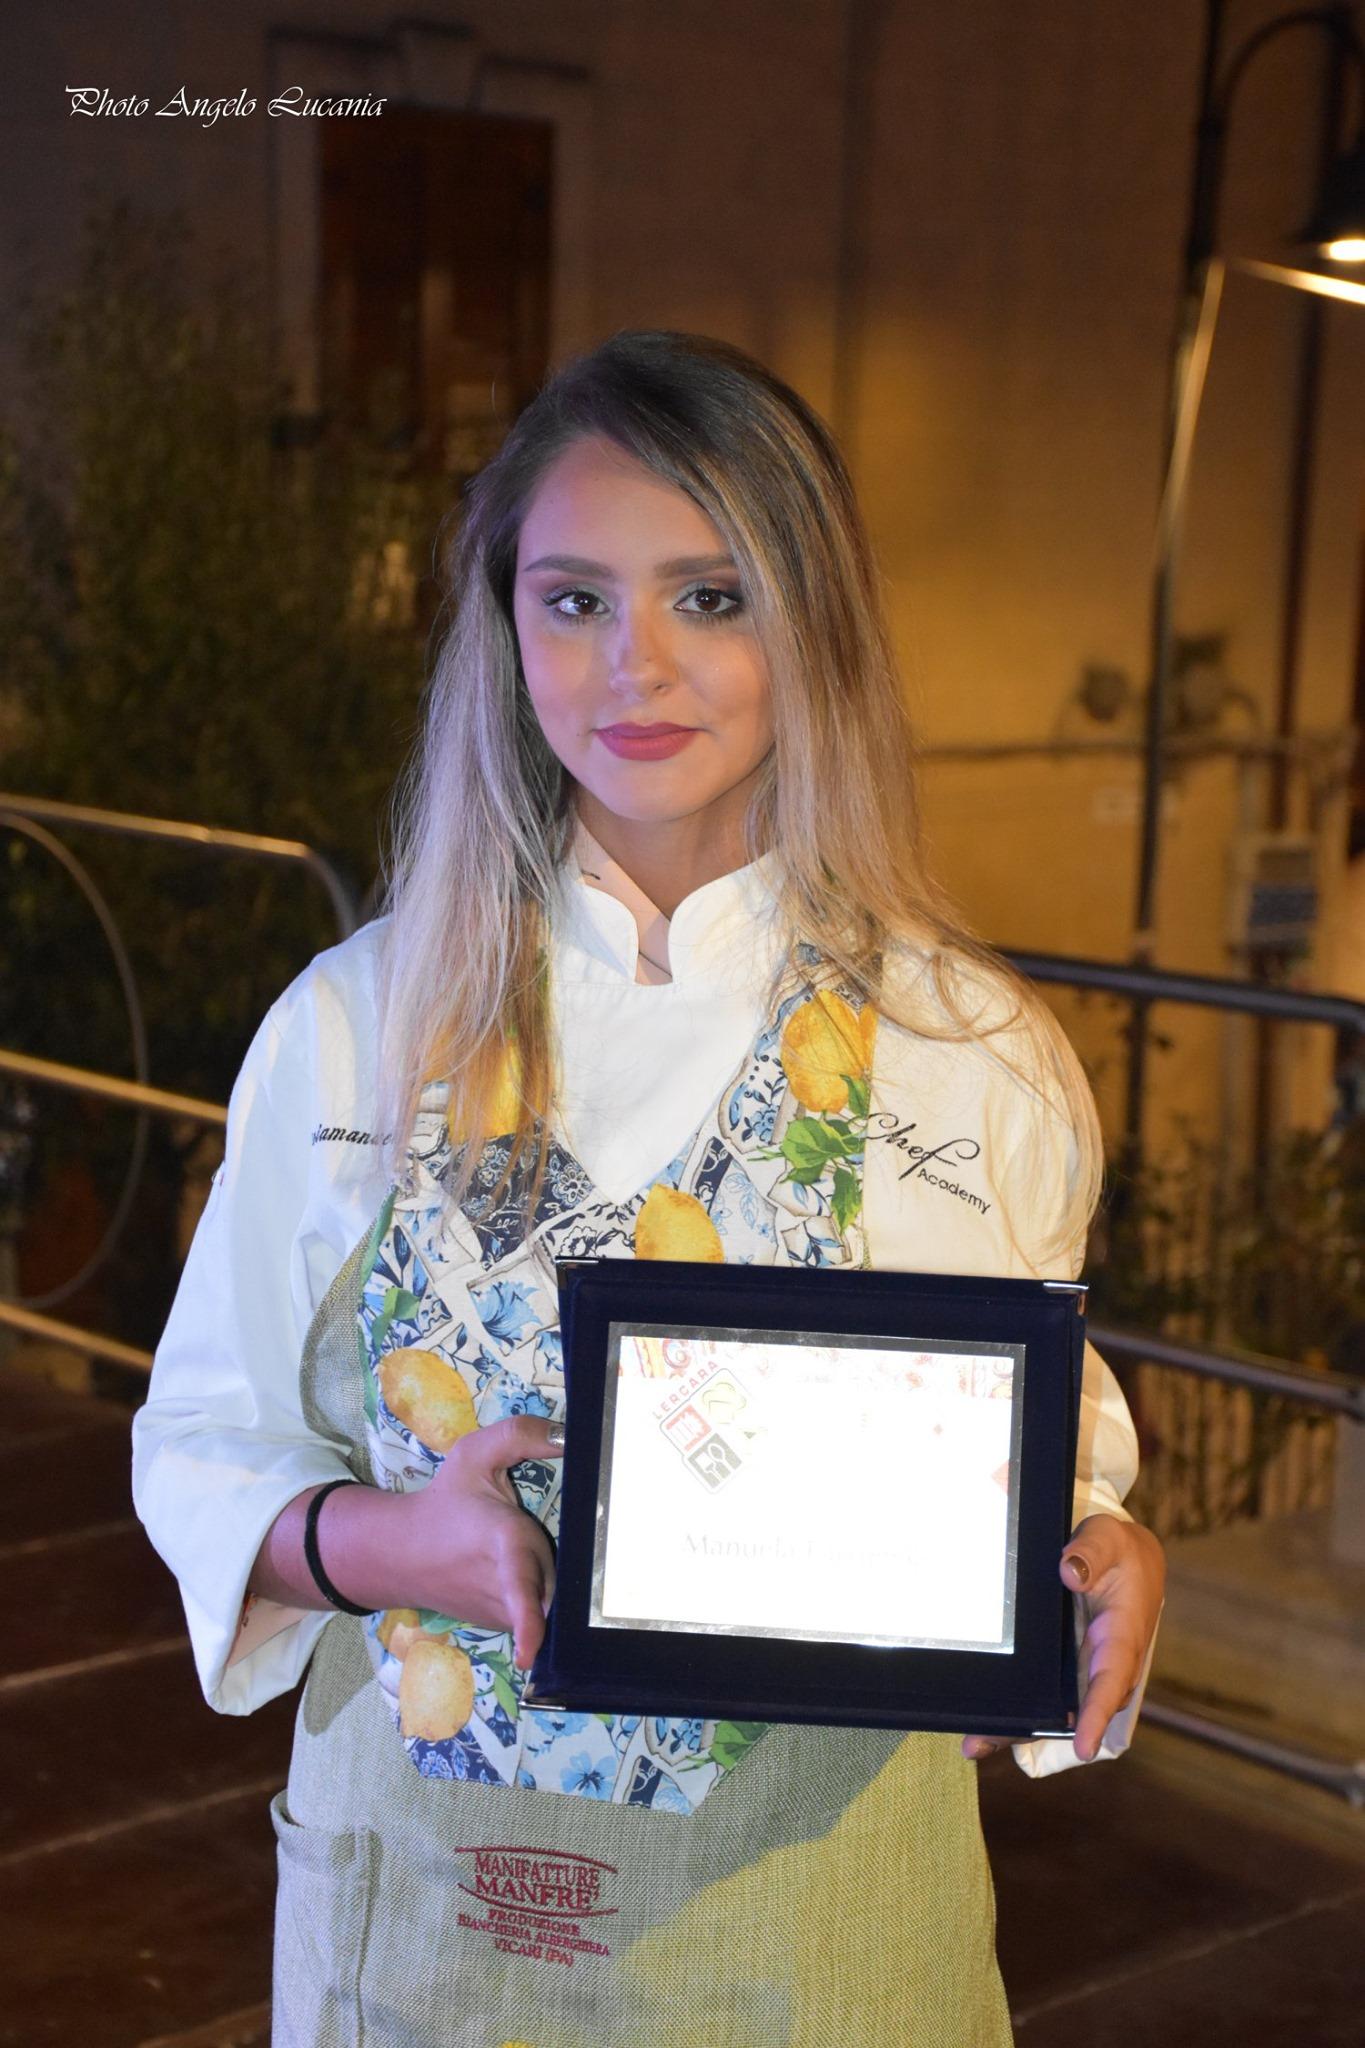 Manuela Farruggia